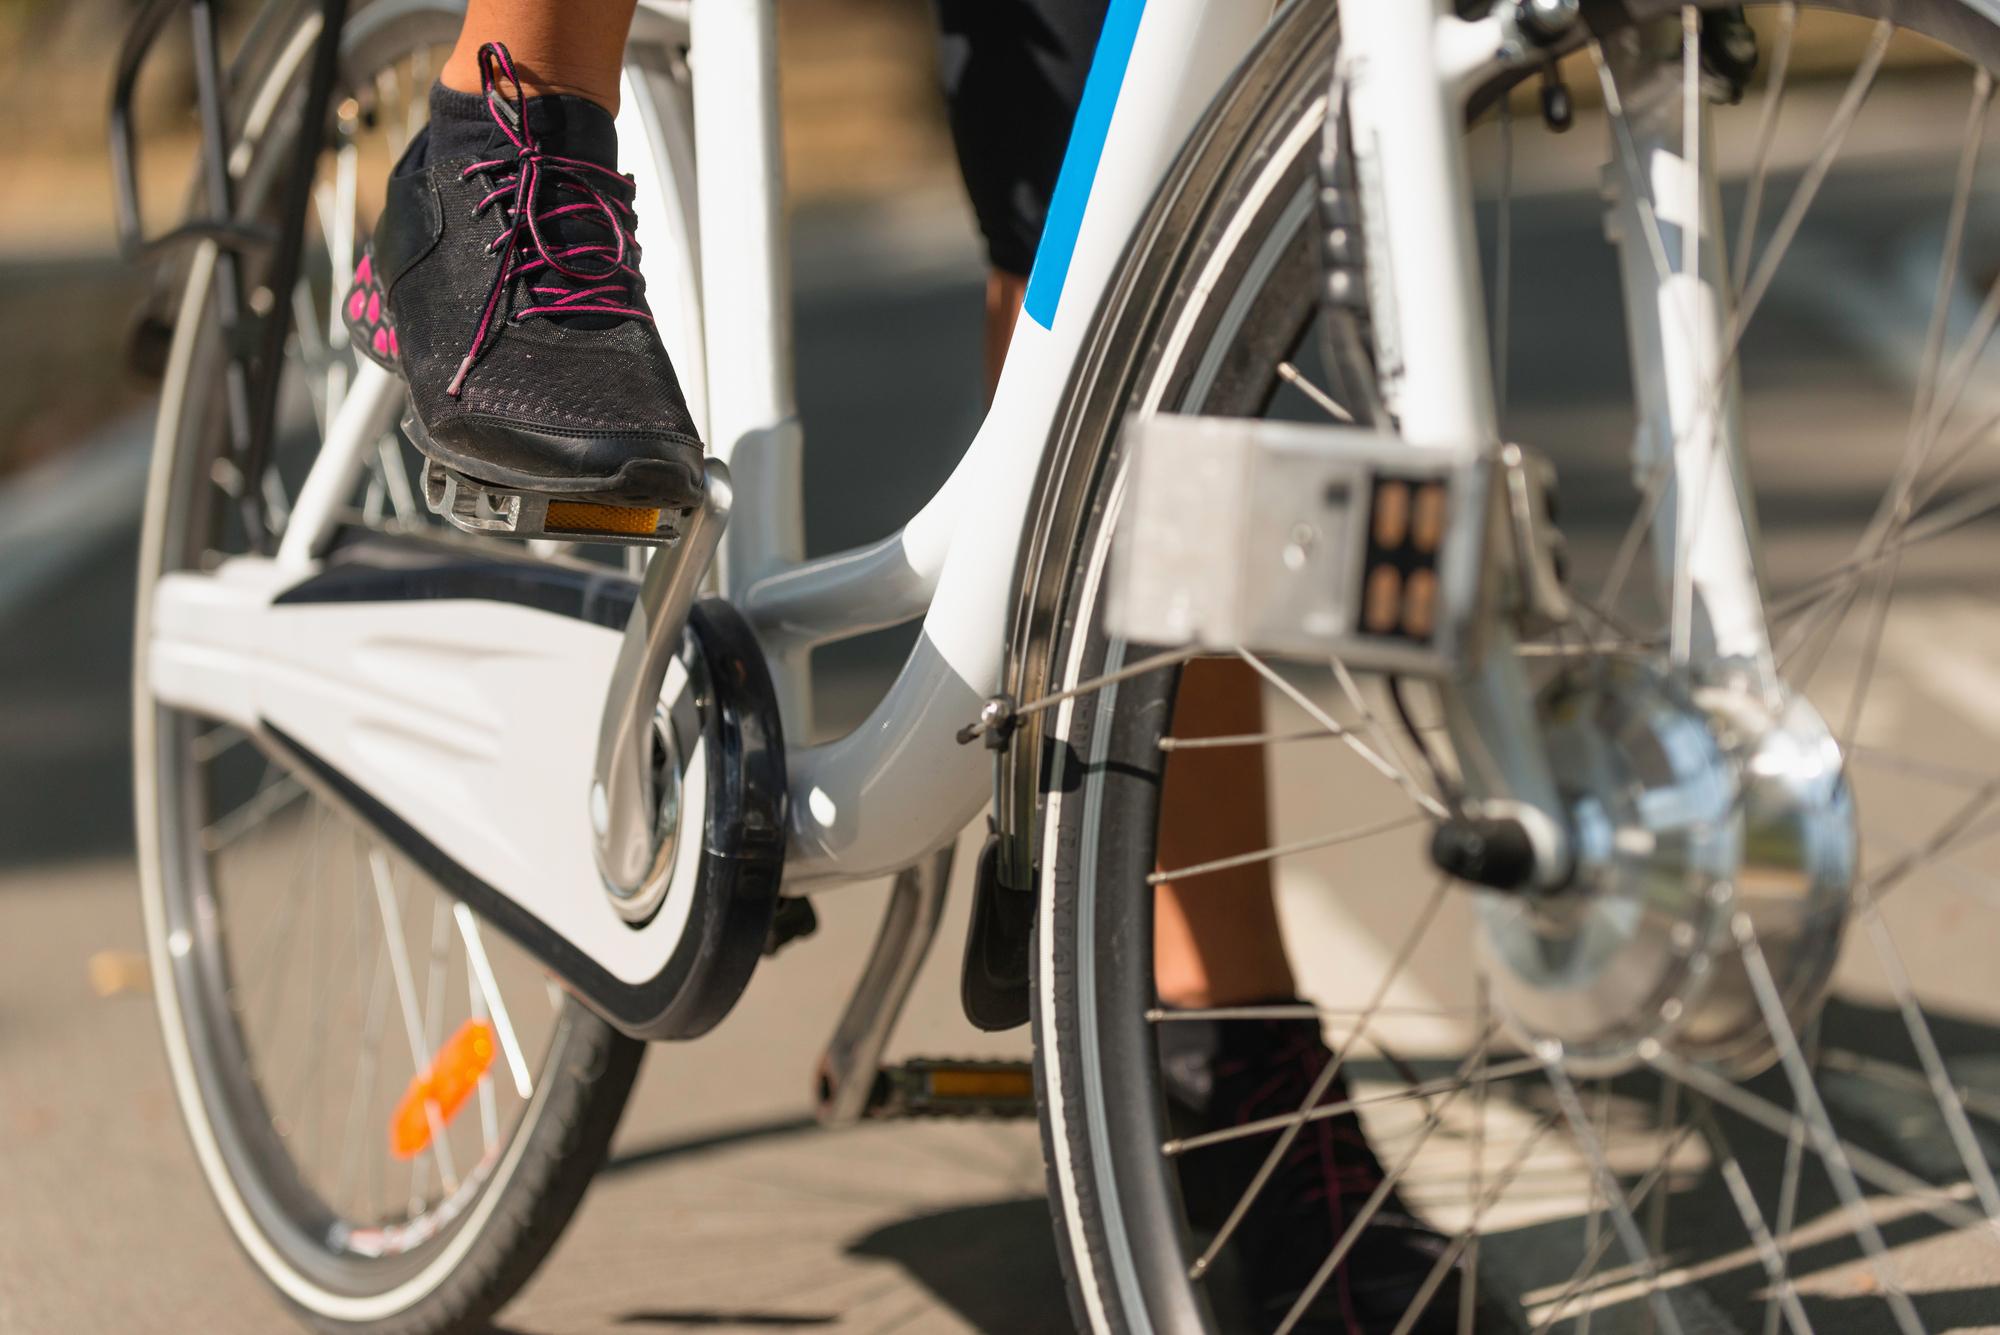 Bicicletta elettrica, l'assicurazione è obbligatoria?